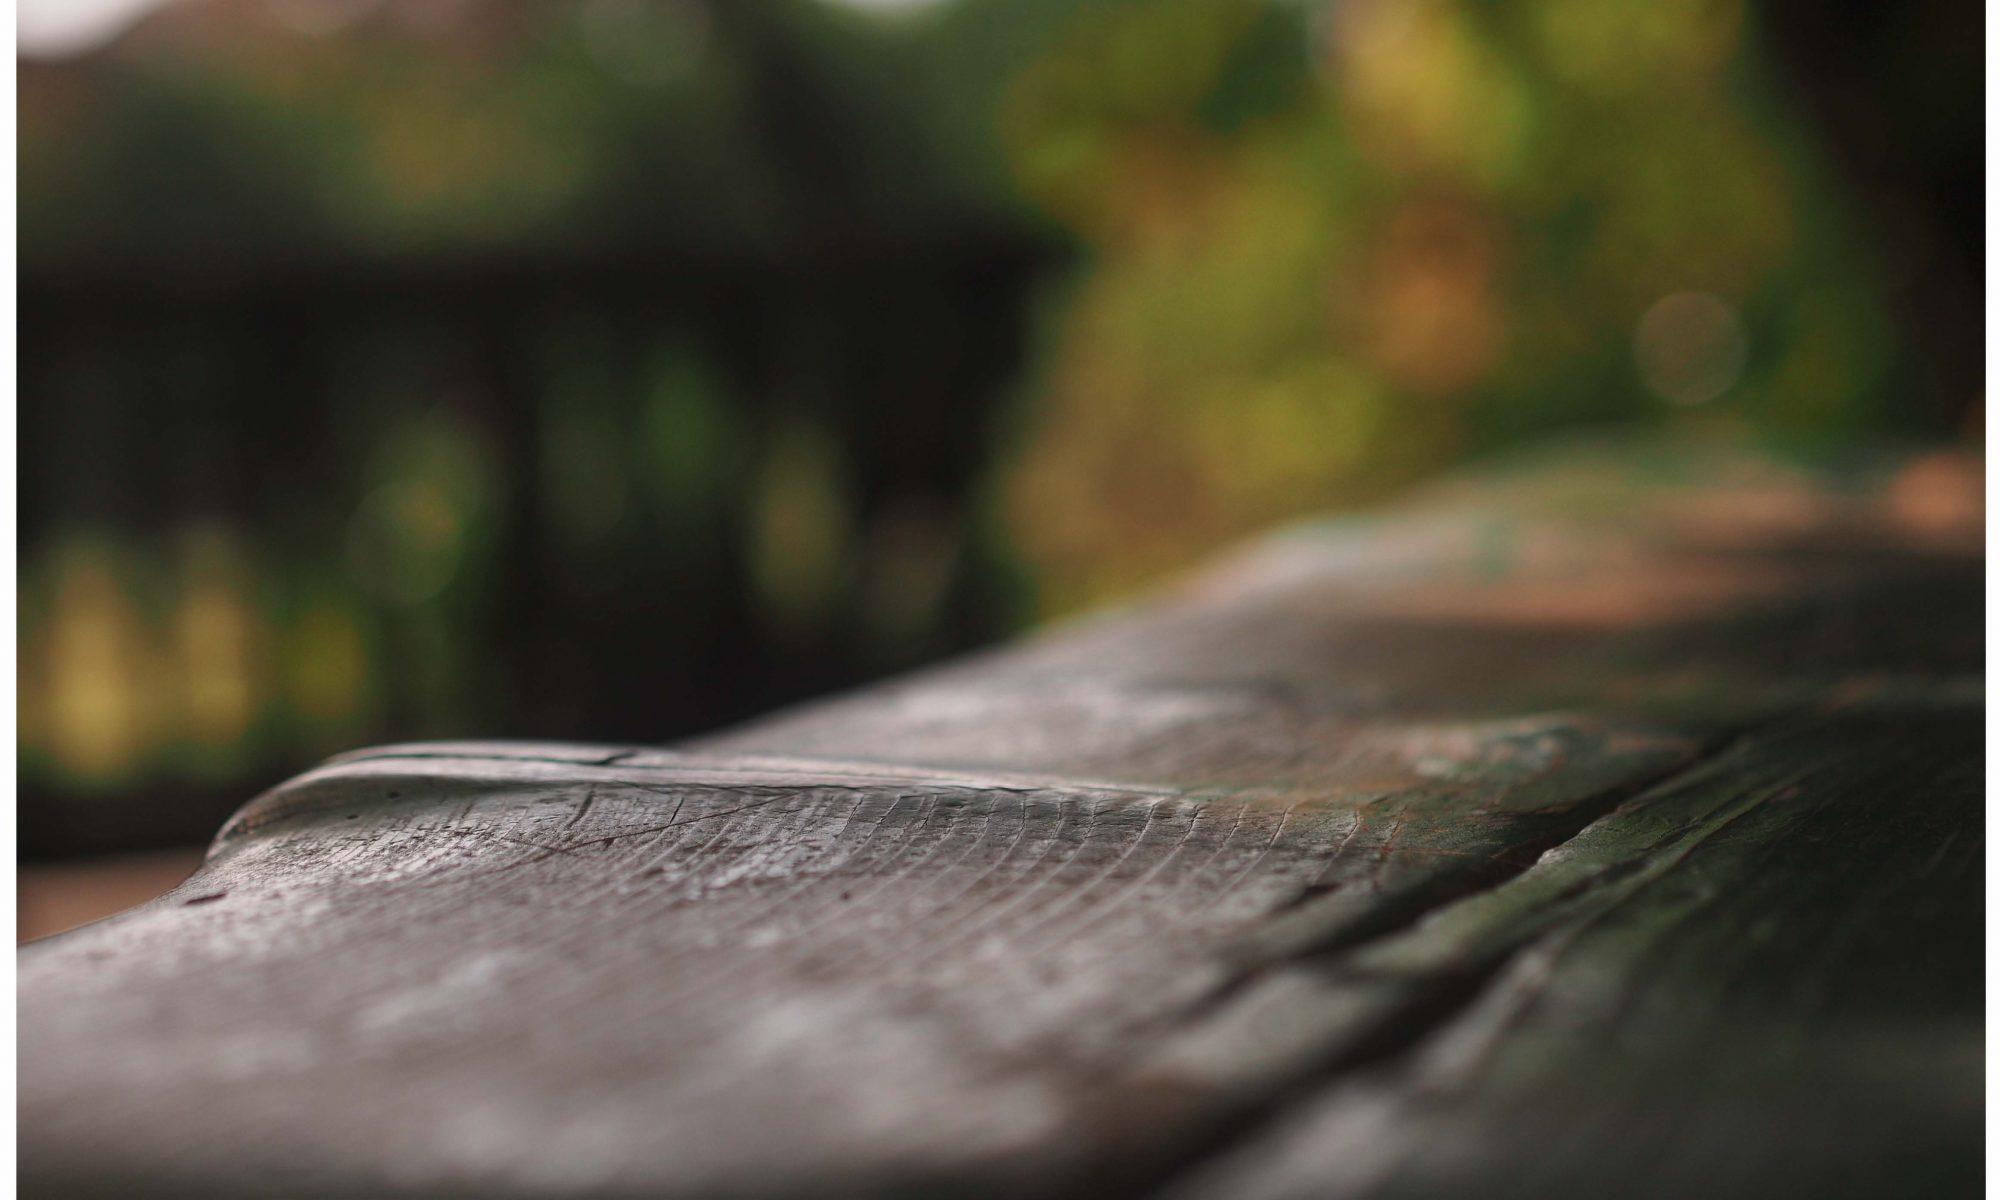 Herzlich willkommen in der Vollholzmanufaktur Holzkopf